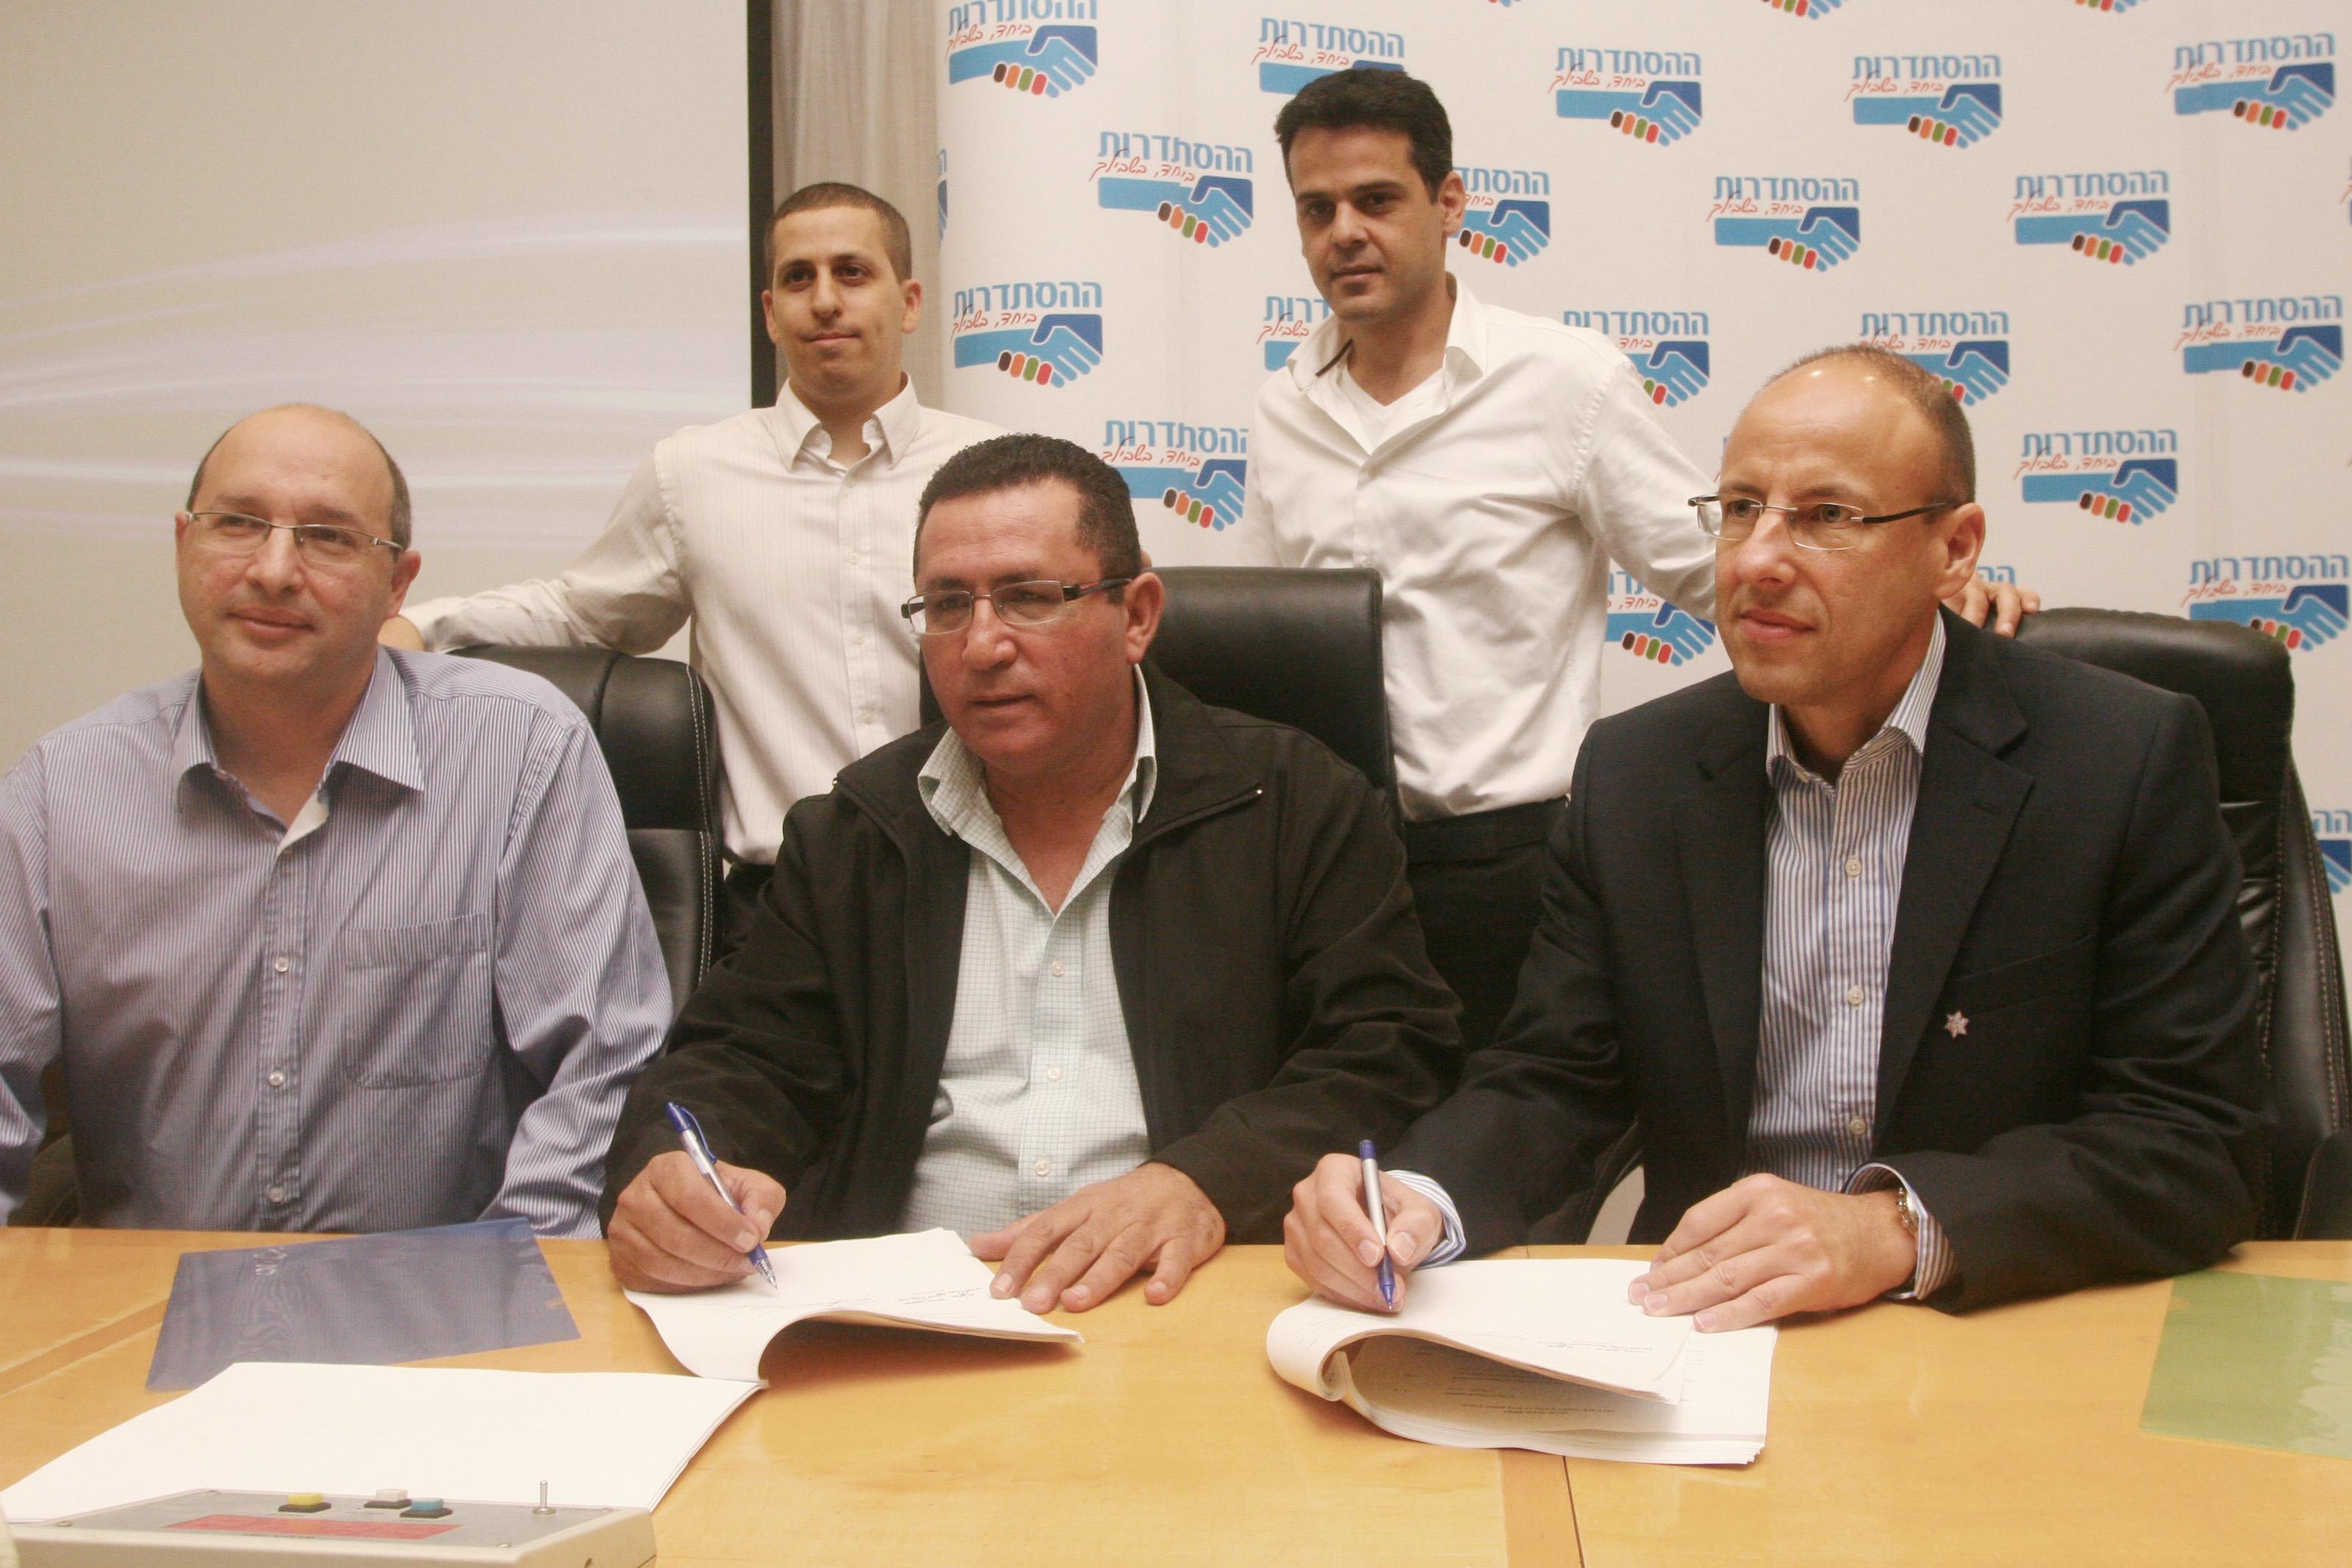 מימין: גיל שרון, עופר עיני ואבי ניסנקורן בחתימה על הסכם העובדים בפלאפון ב-2013 (צילום: רוני שוצר, פלאש 90)